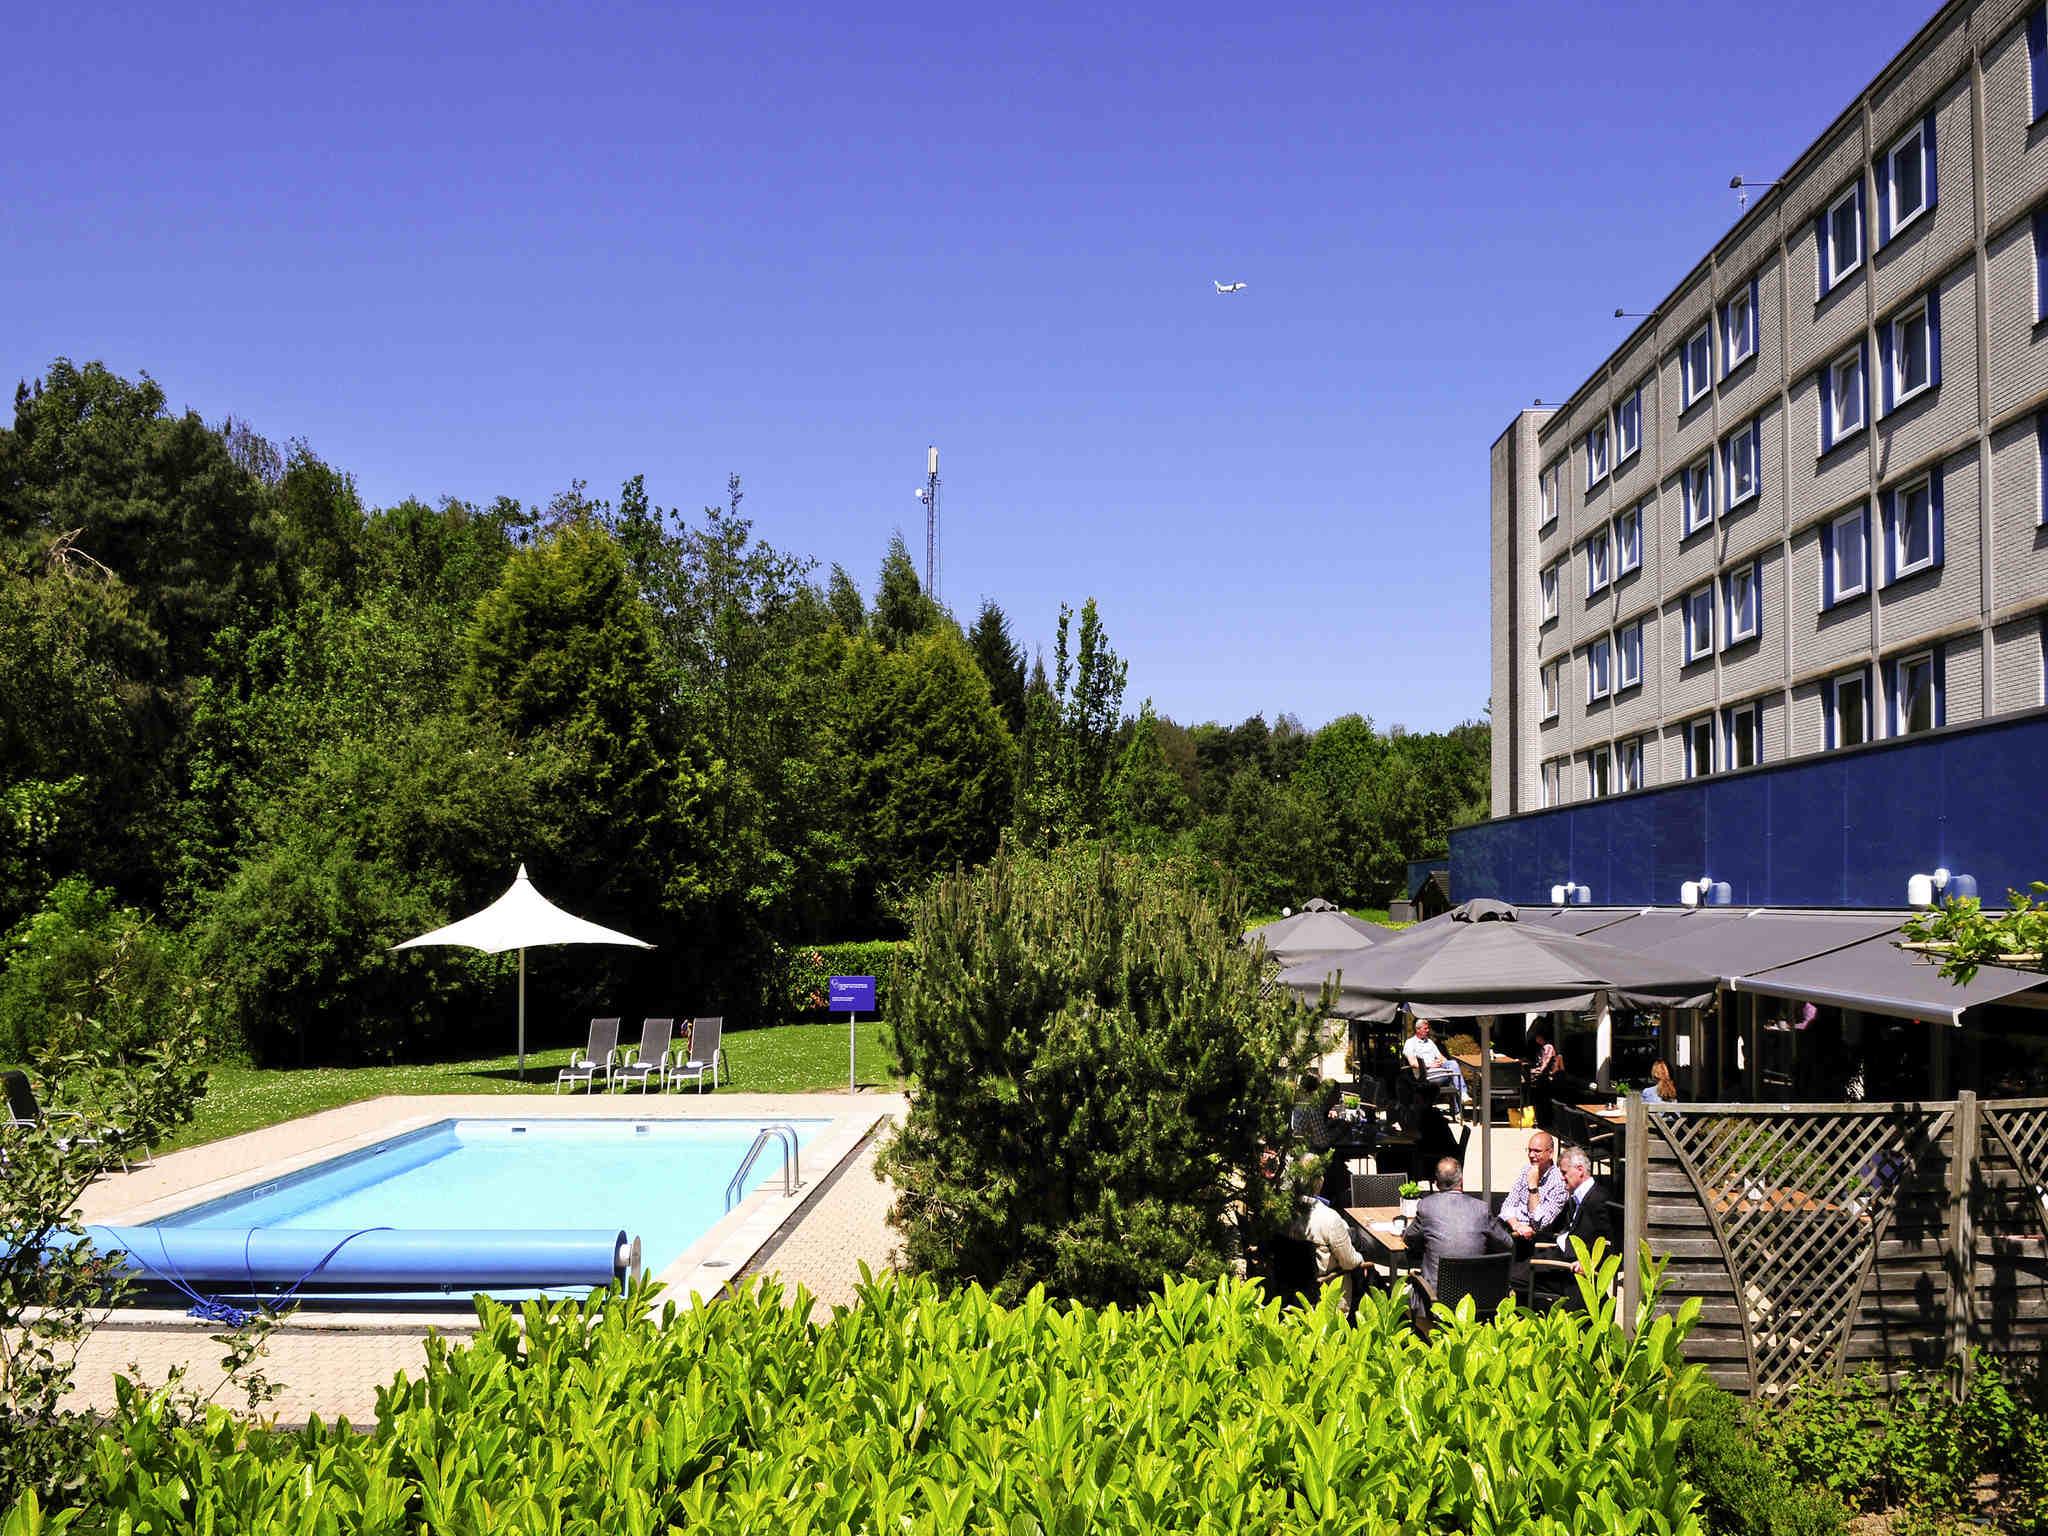 فندق - نوفوتيل Novotel آيندهوفن